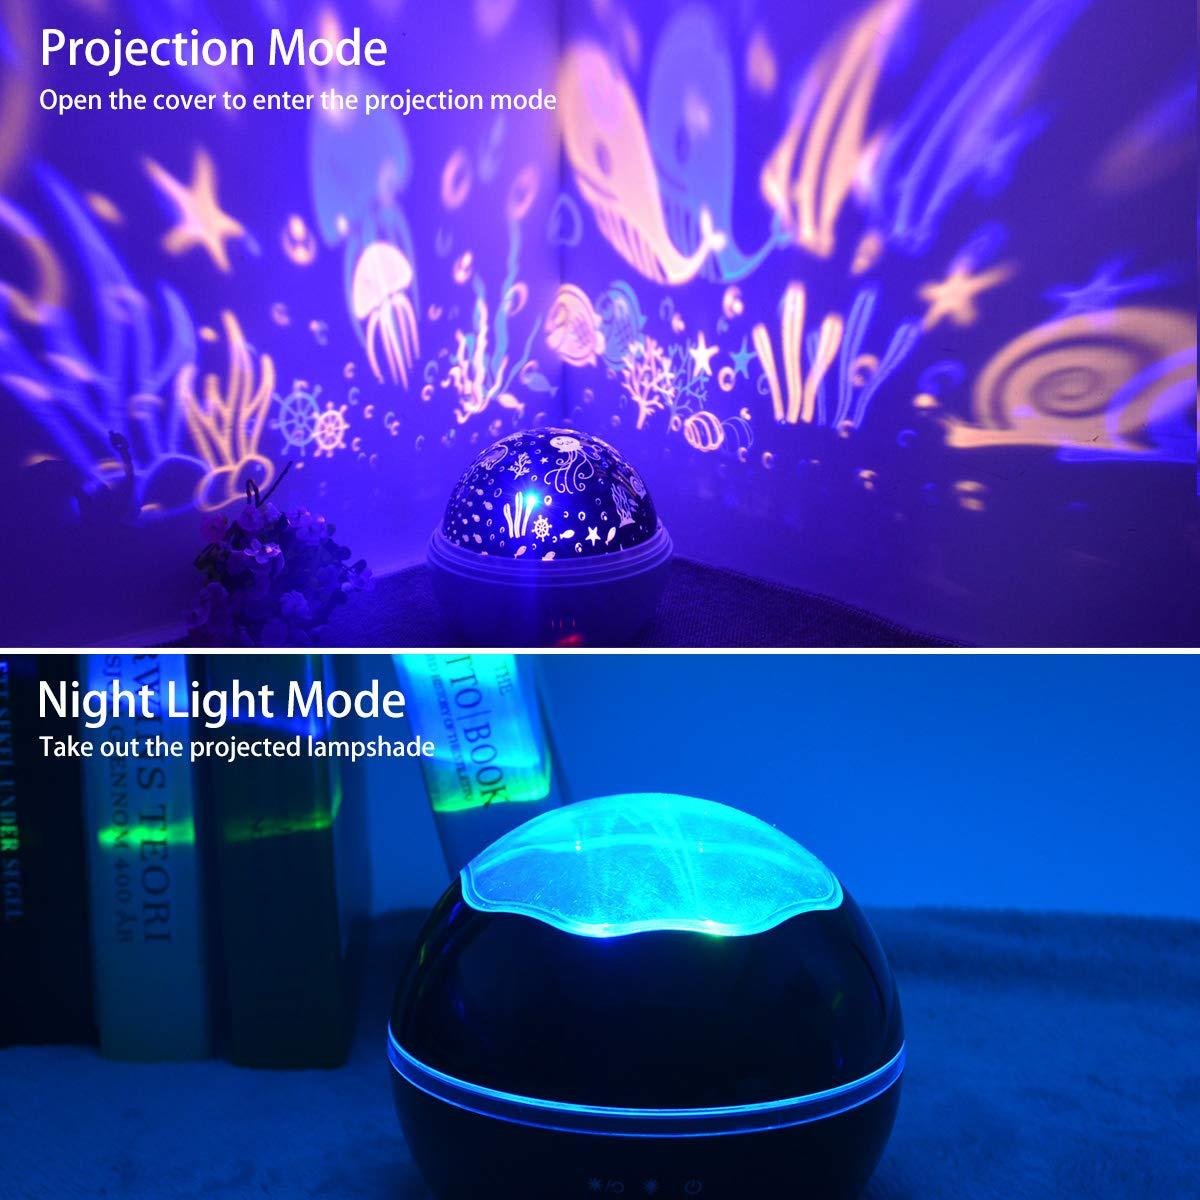 Star Light Night Proiettore Lampada, Sunvito 360 gradi che girano lampada proiettore romantico Stelle Moon Sky Proiettore per bambini, bambini, regali di Natale, camera per bambini, matrimonio, compleanno, vacanze (blu)